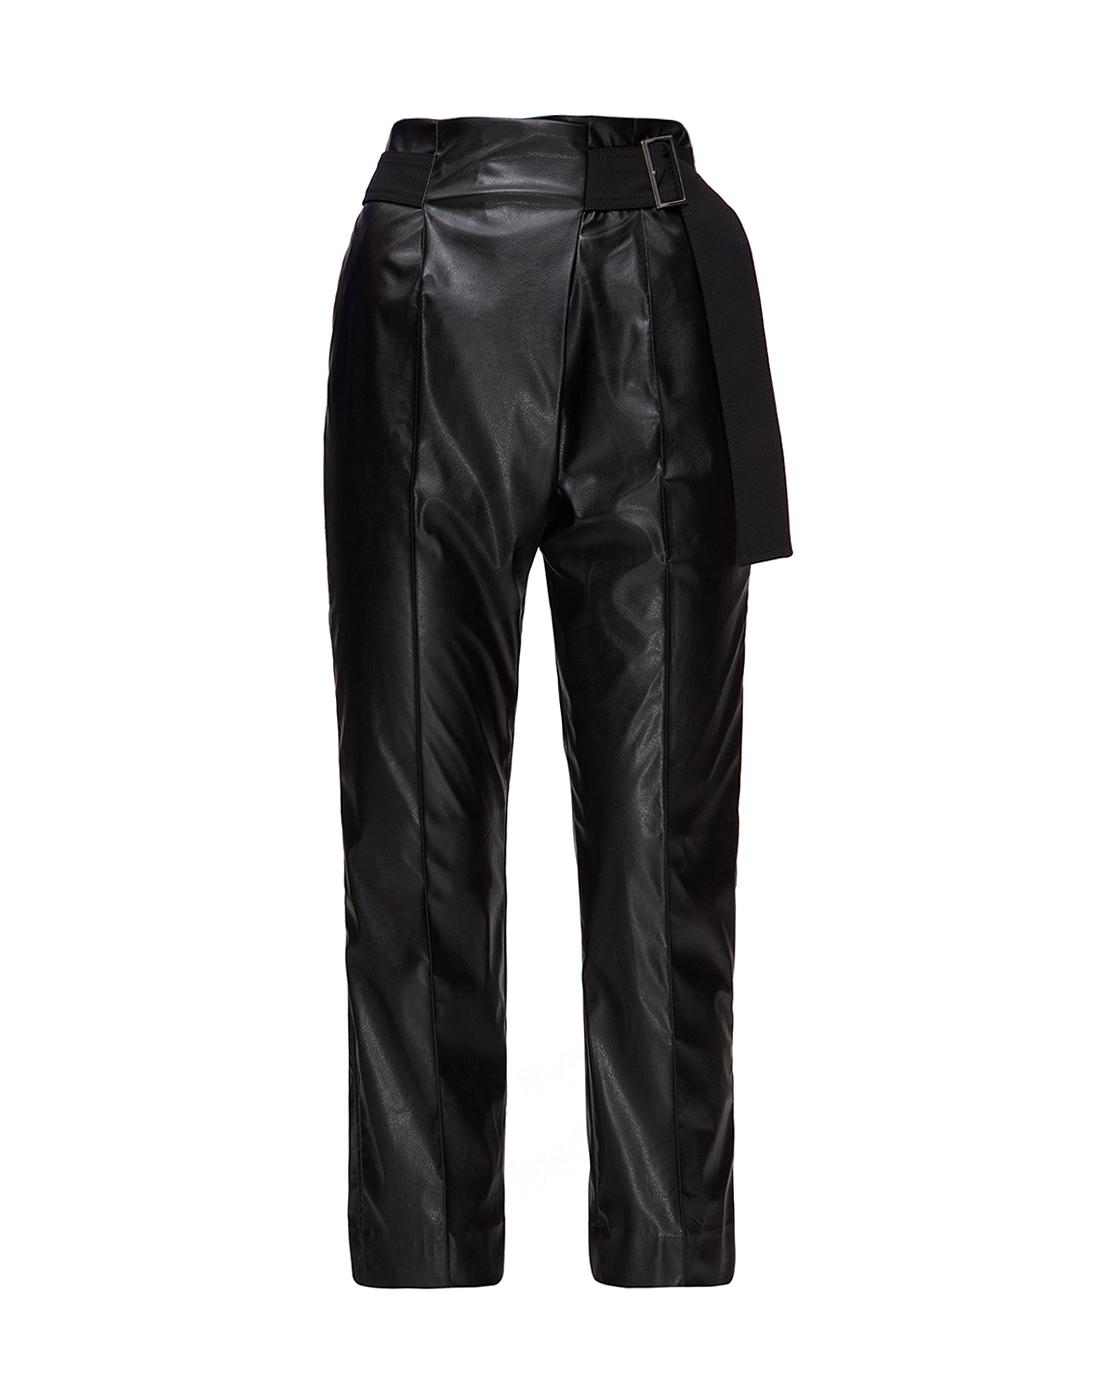 Женские черные брюки Dorothee Schumacher S546301/999-1